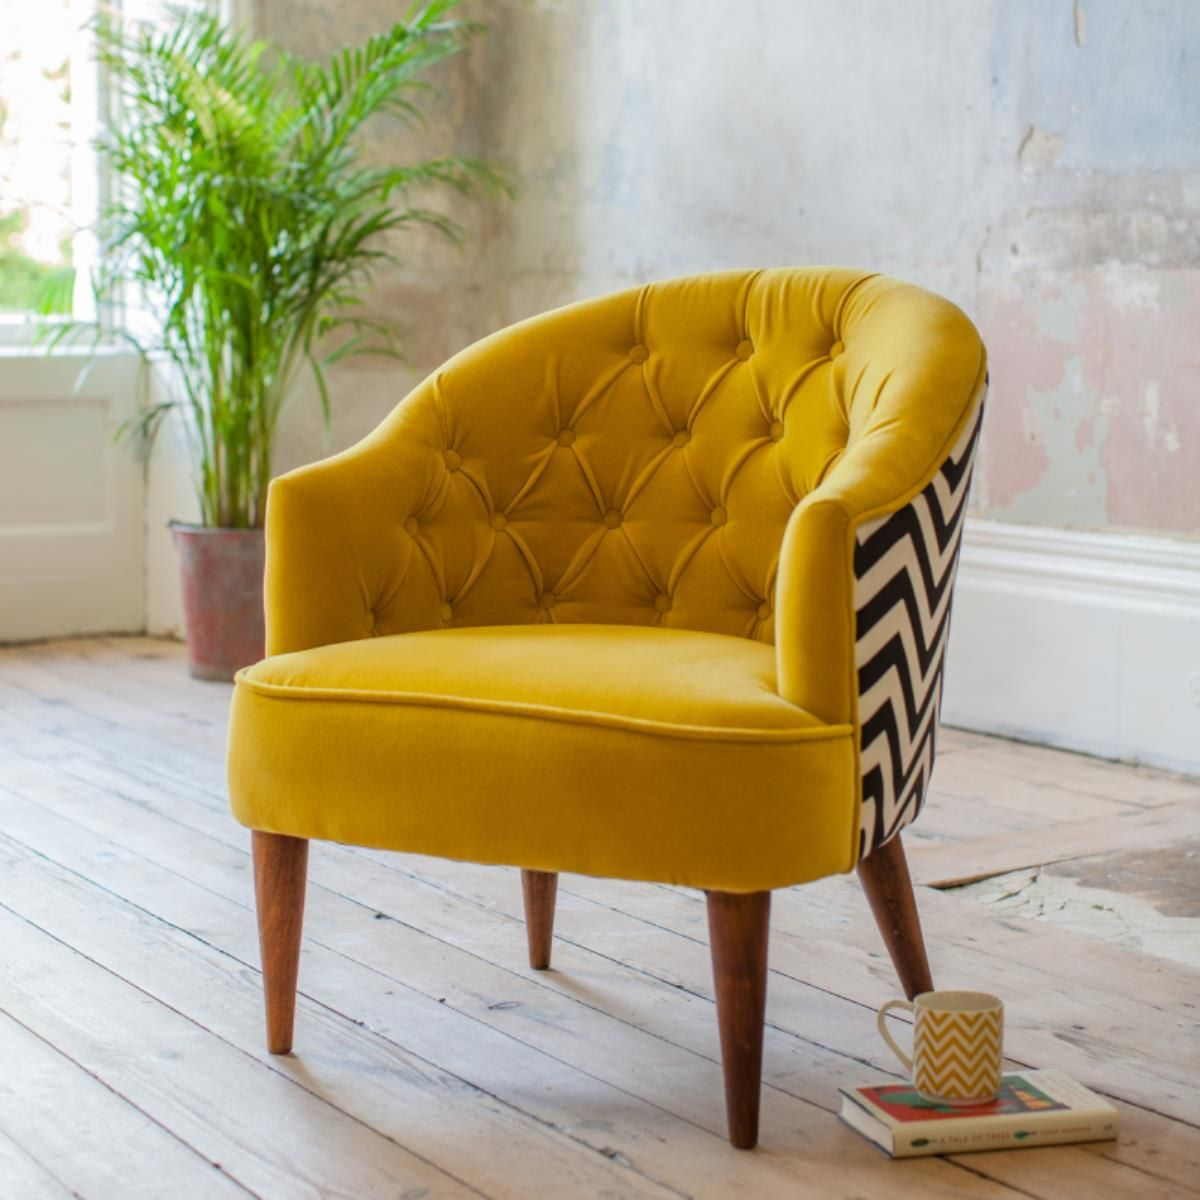 Velvet Jazz Tub Chair Mustard Upholstered chairs